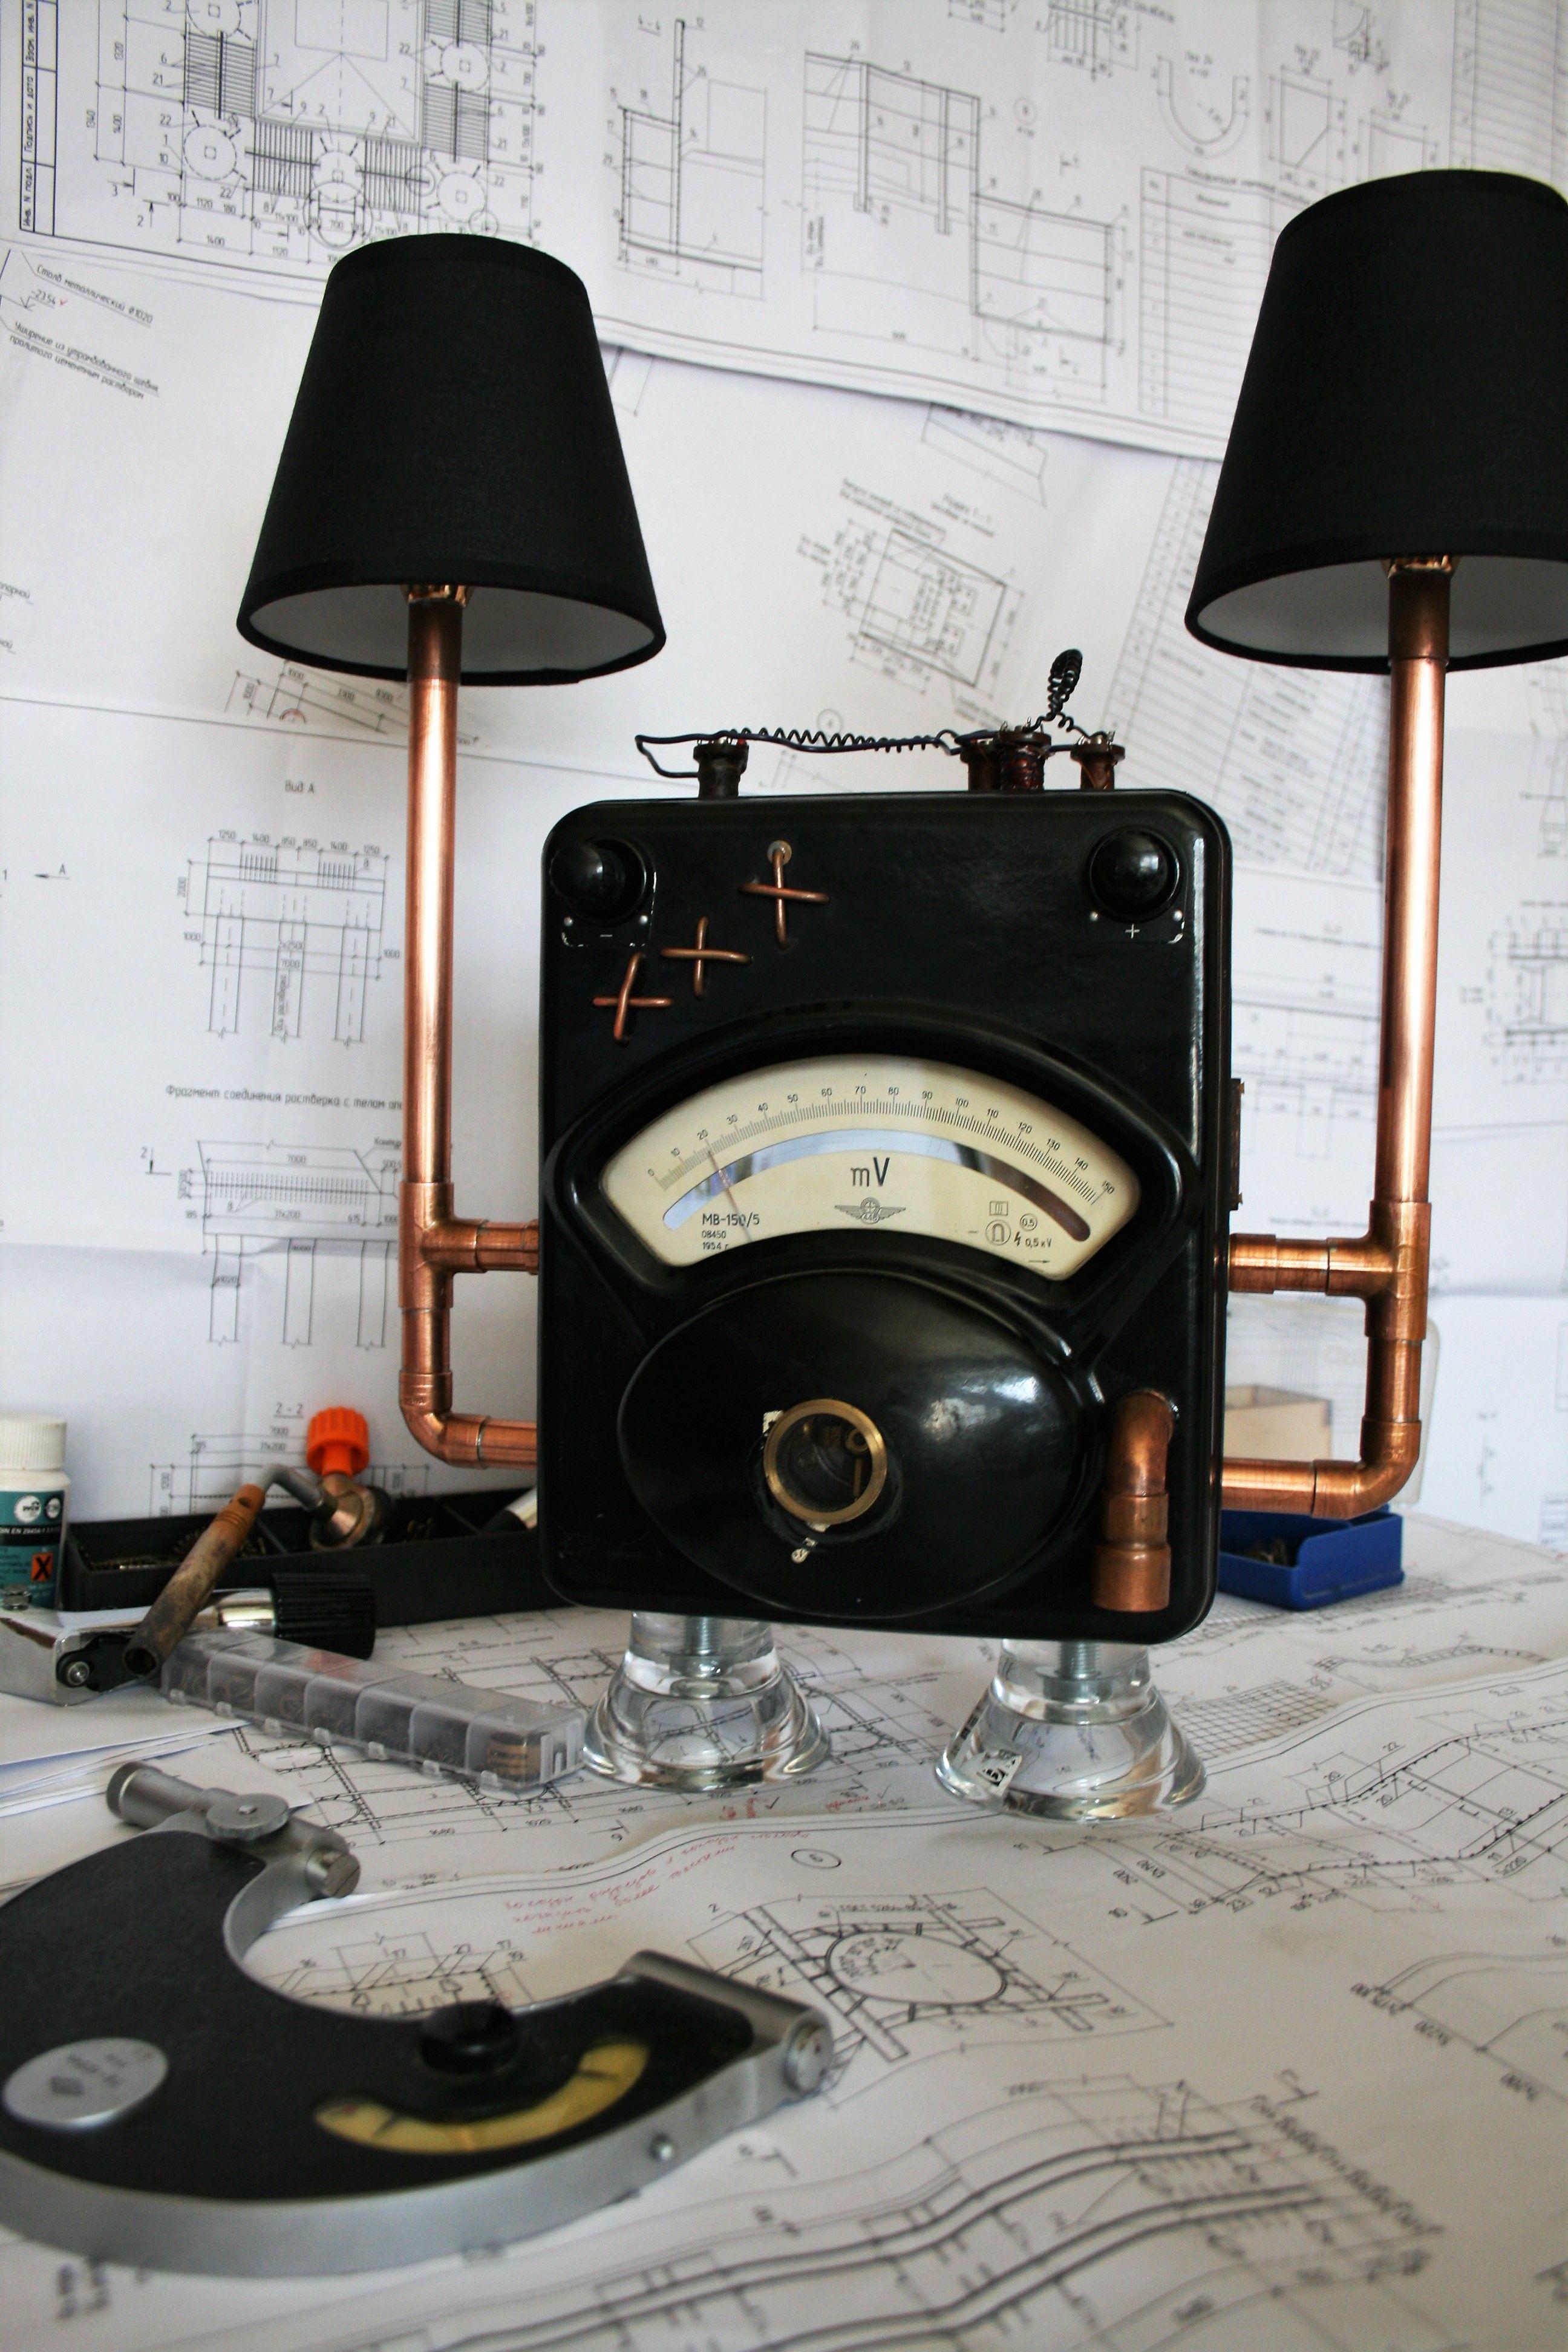 Steampunklamp #Steampunk #Loft